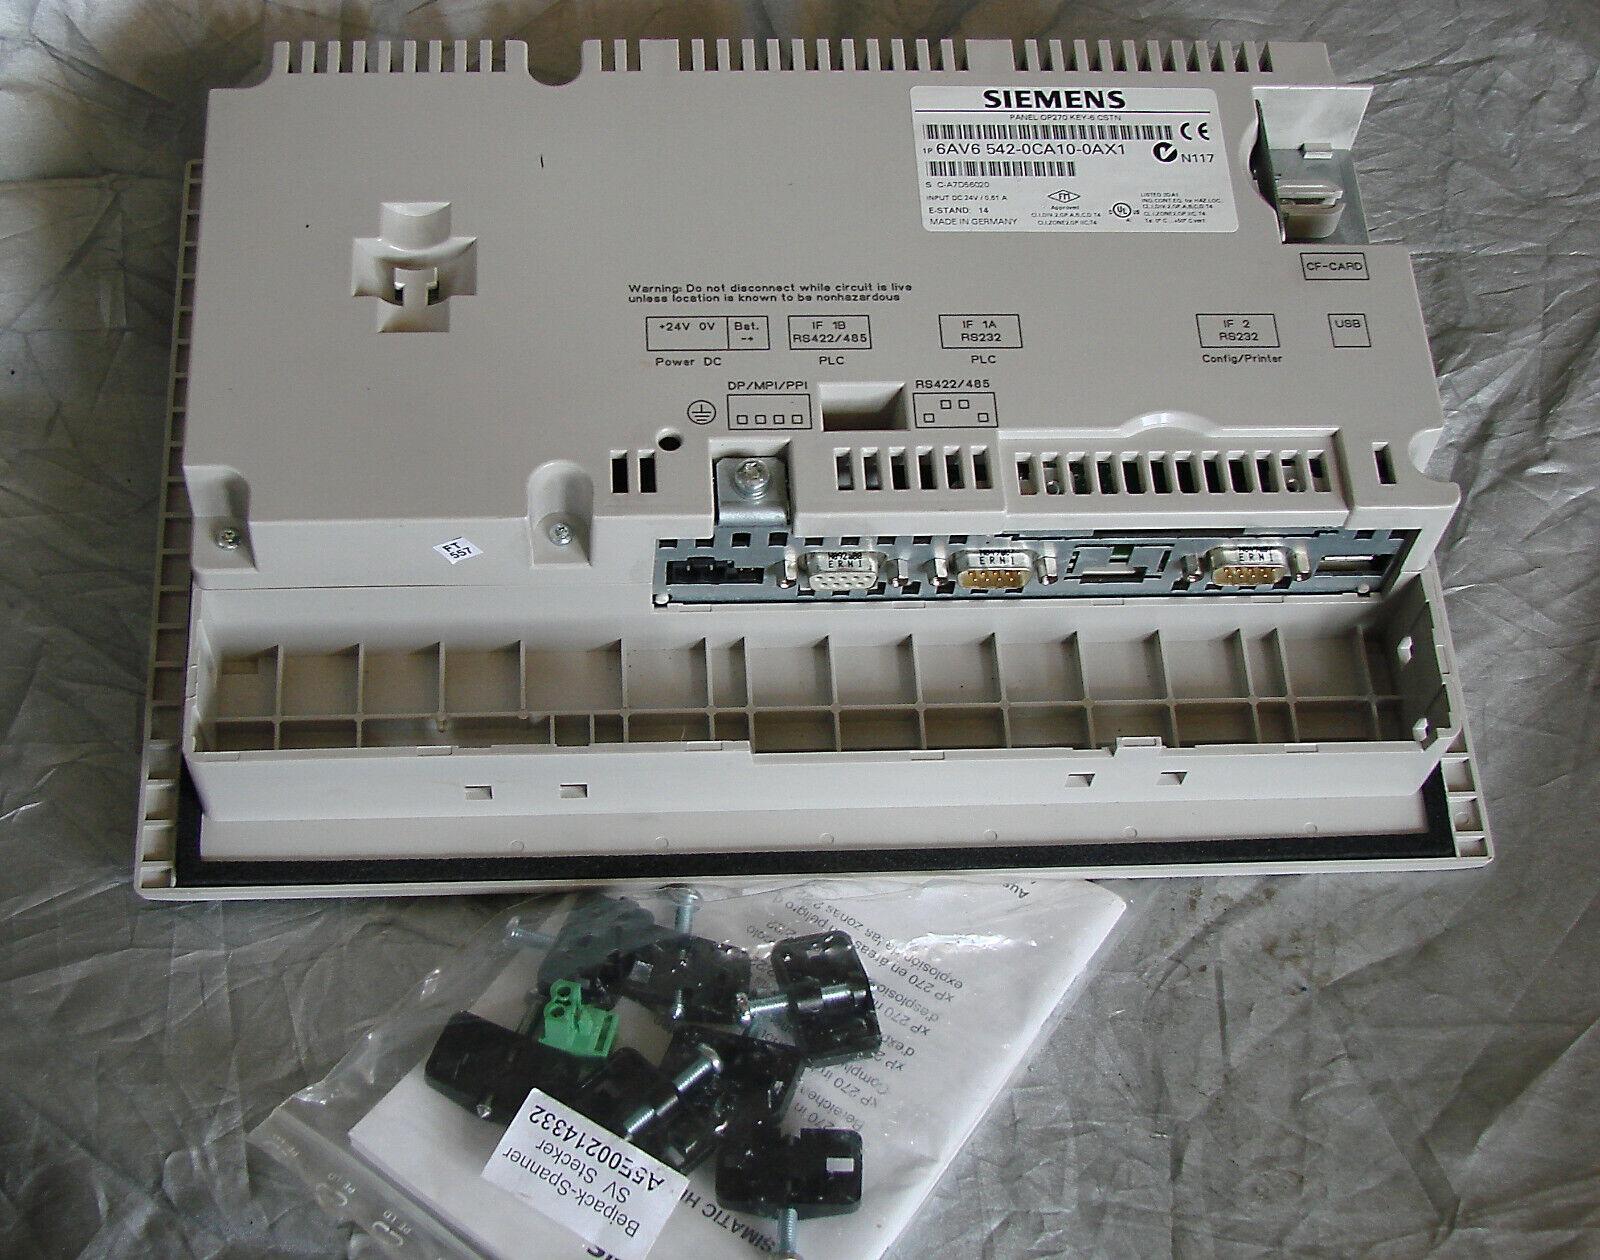 SIMENS - SIMATIC OP 270 6' pupitre opérateur écran couleur: 6AV6542-0CA10-0AX1